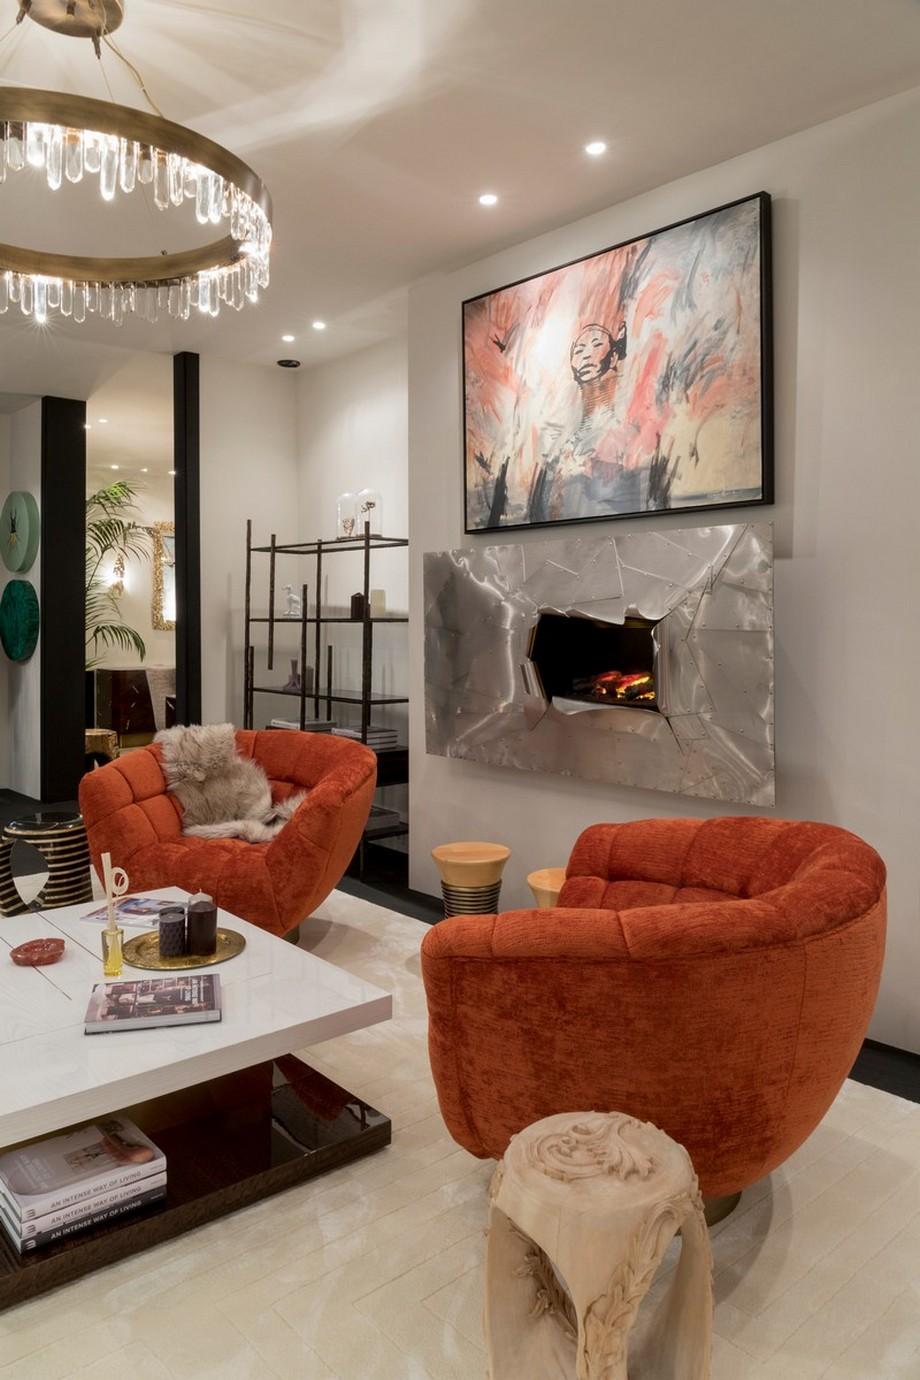 Diseño de Mobiliario: Tendencias y inspiraciónes para un proyecto lujuoso diseño de mobiliario Diseño de Mobiliario: Tendencias y inspiraciónes para un proyecto lujuoso 7 Amazing Luxury Furniture Ideas To Glamp Up Your Project 4